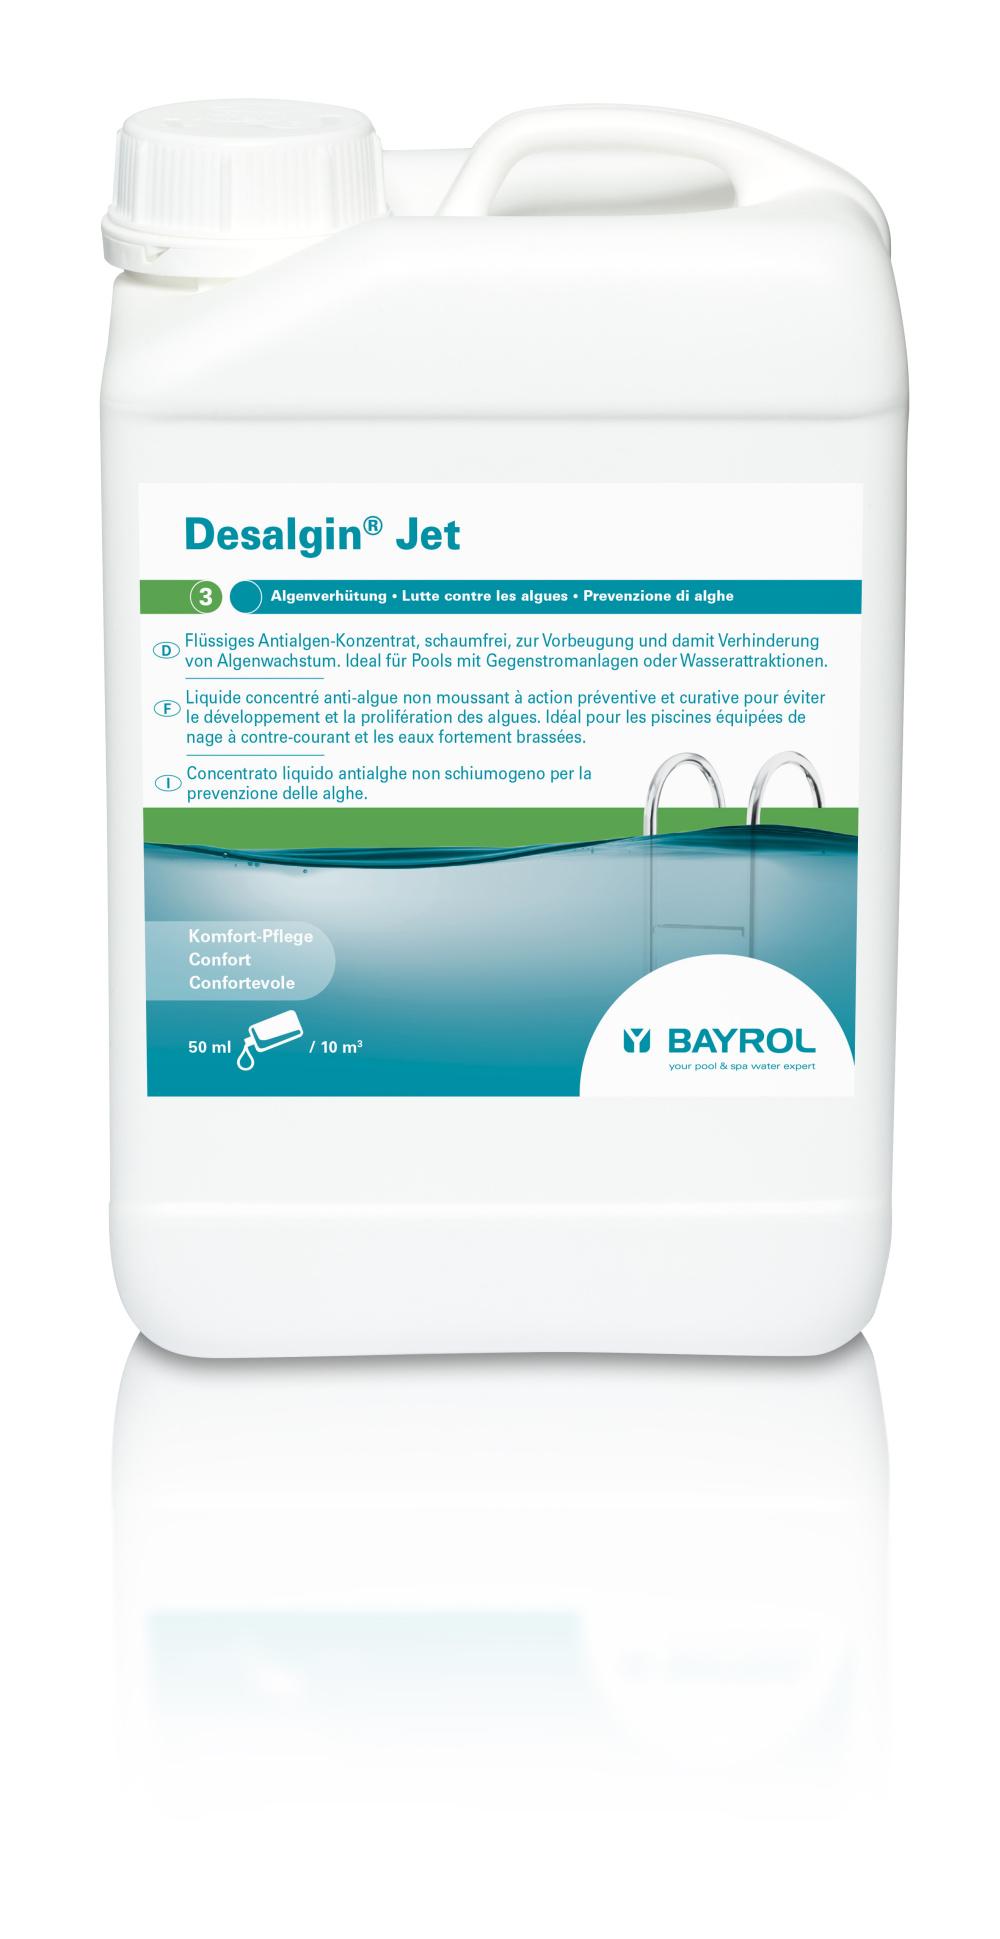 Desalgin Jet 6l flüssiges Algizid, schaumfrei, für Pools mit GSA und Wasserattraktionen